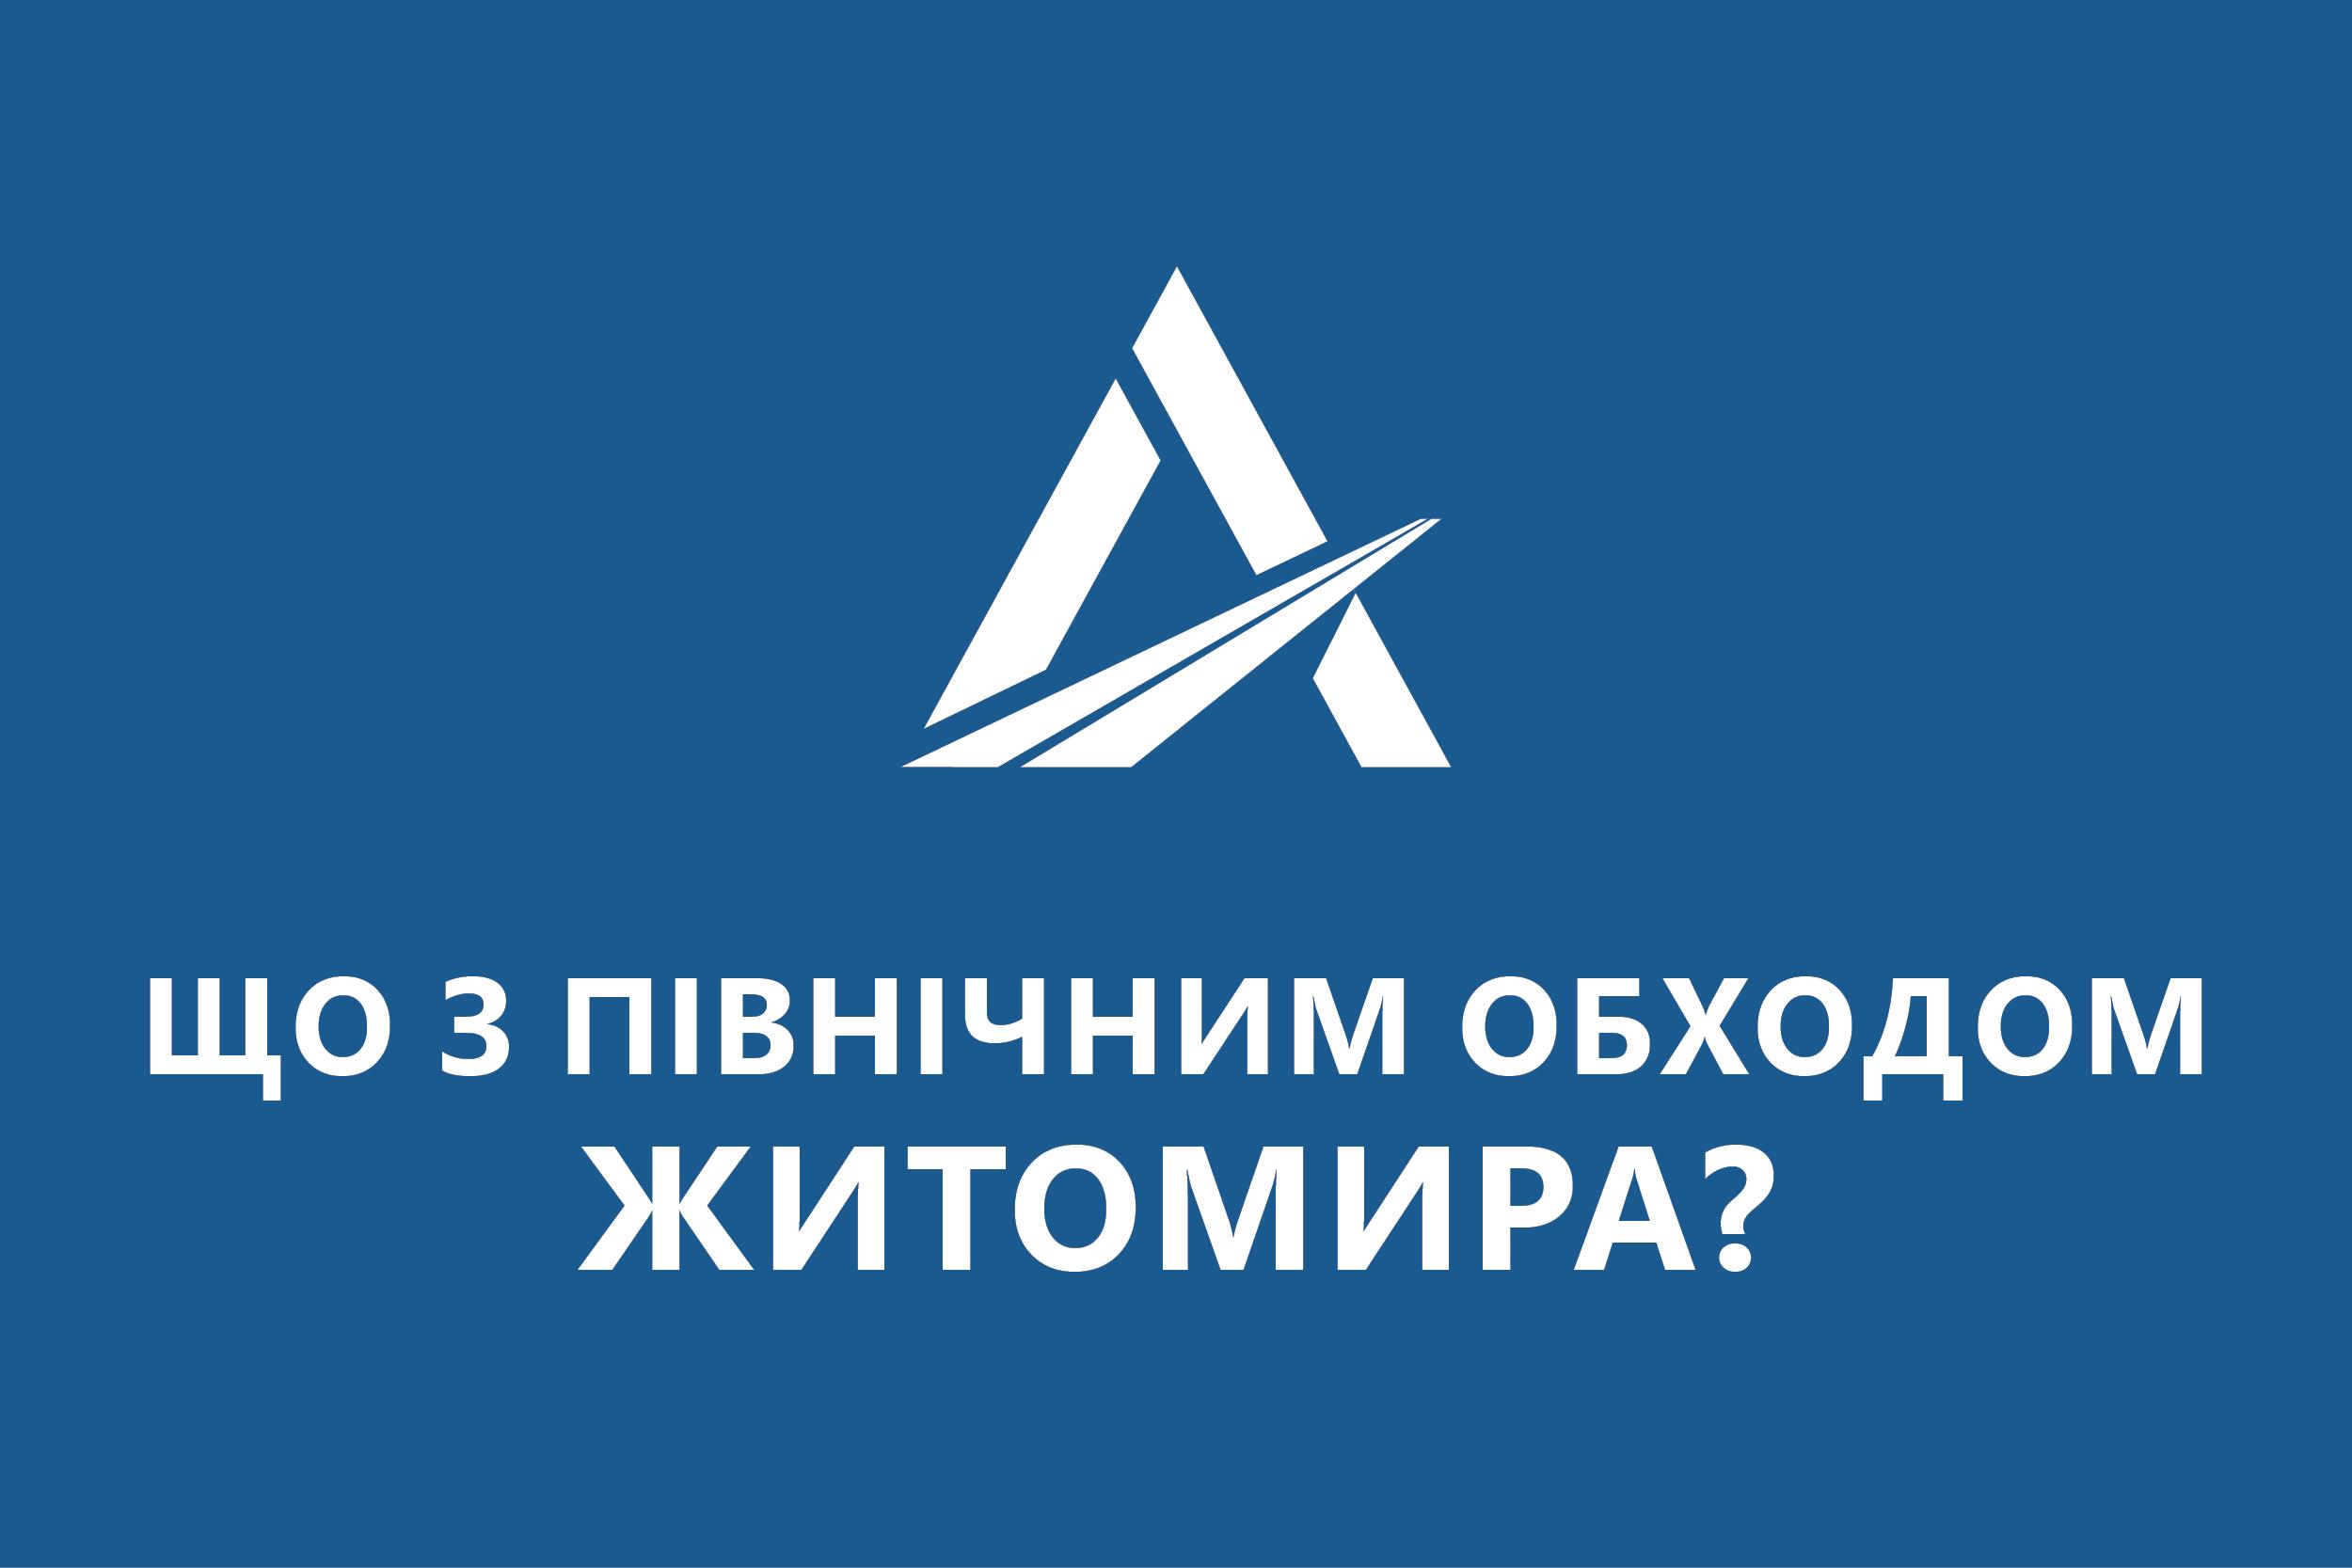 Китайский подрядчик отсудил у Укравтодора 10,3 миллиона евро 1